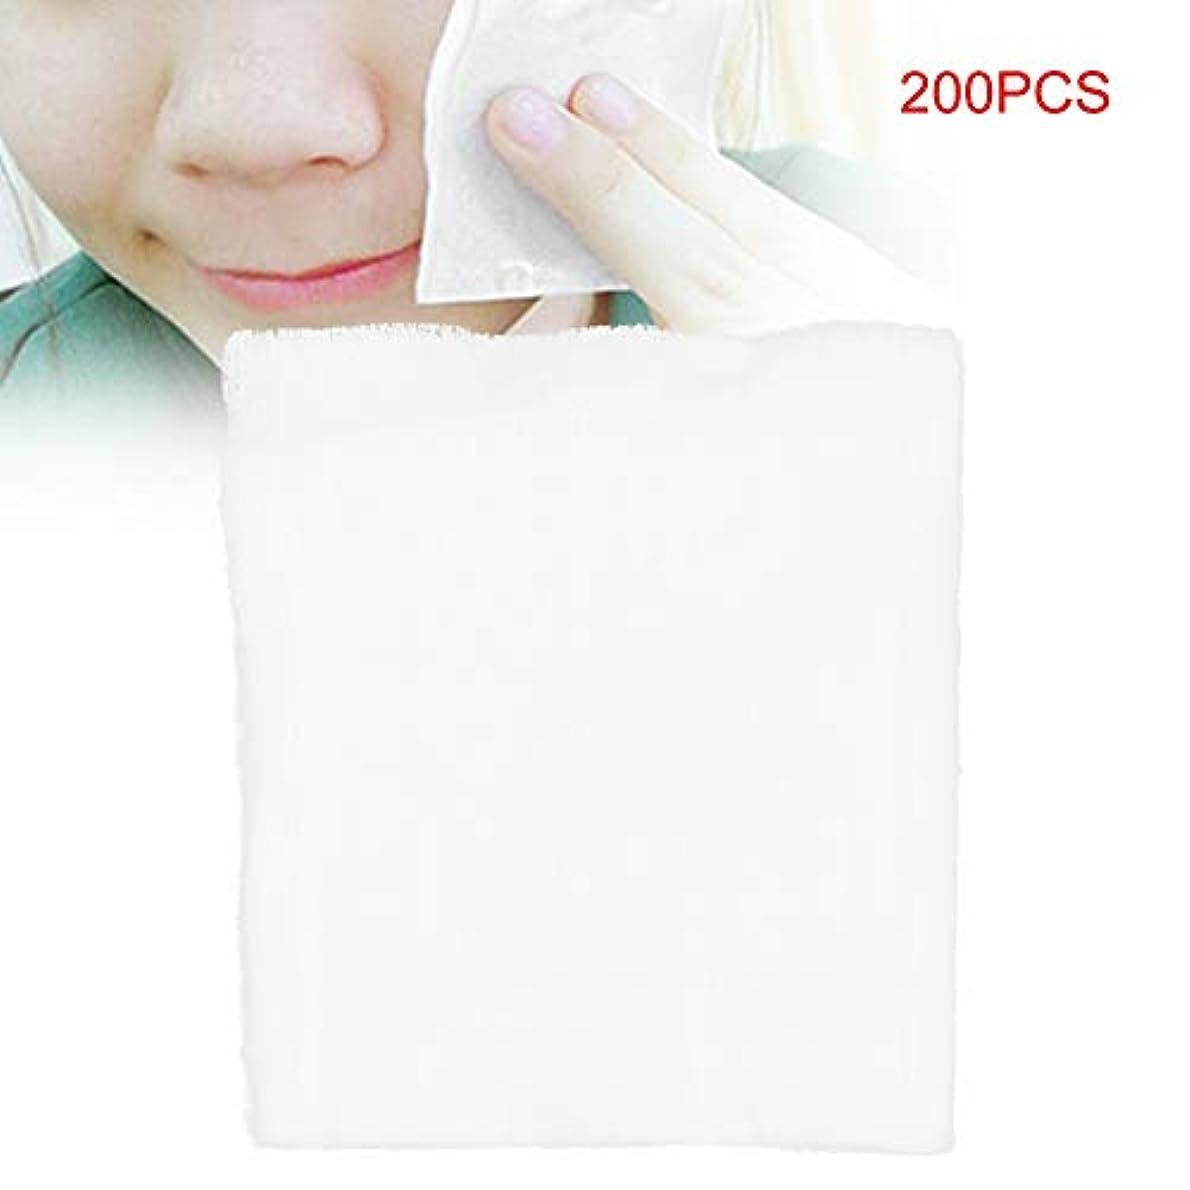 心からできる柔らかさ化粧 タオル フェイスクレンジングパッド 化粧品 除去ツール 200個